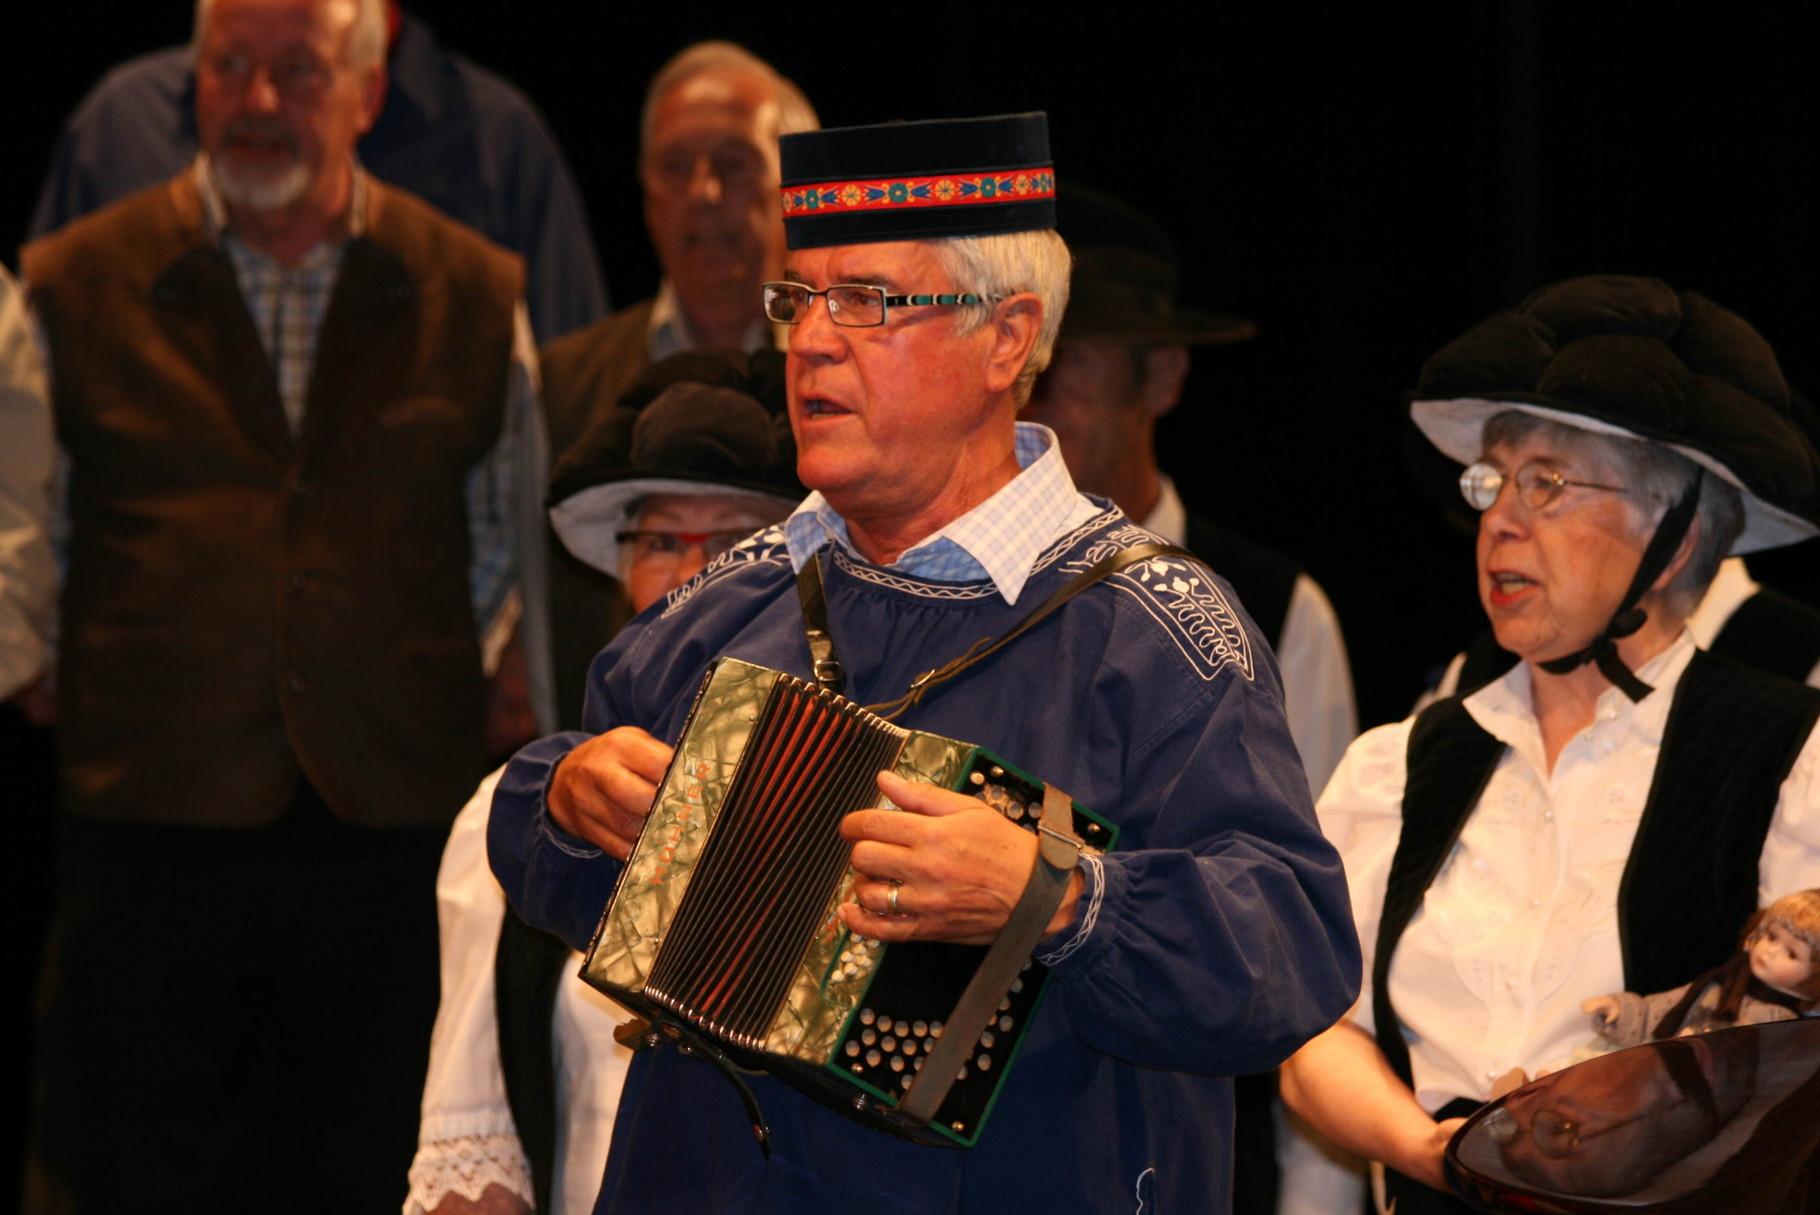 Jürgen Dahl